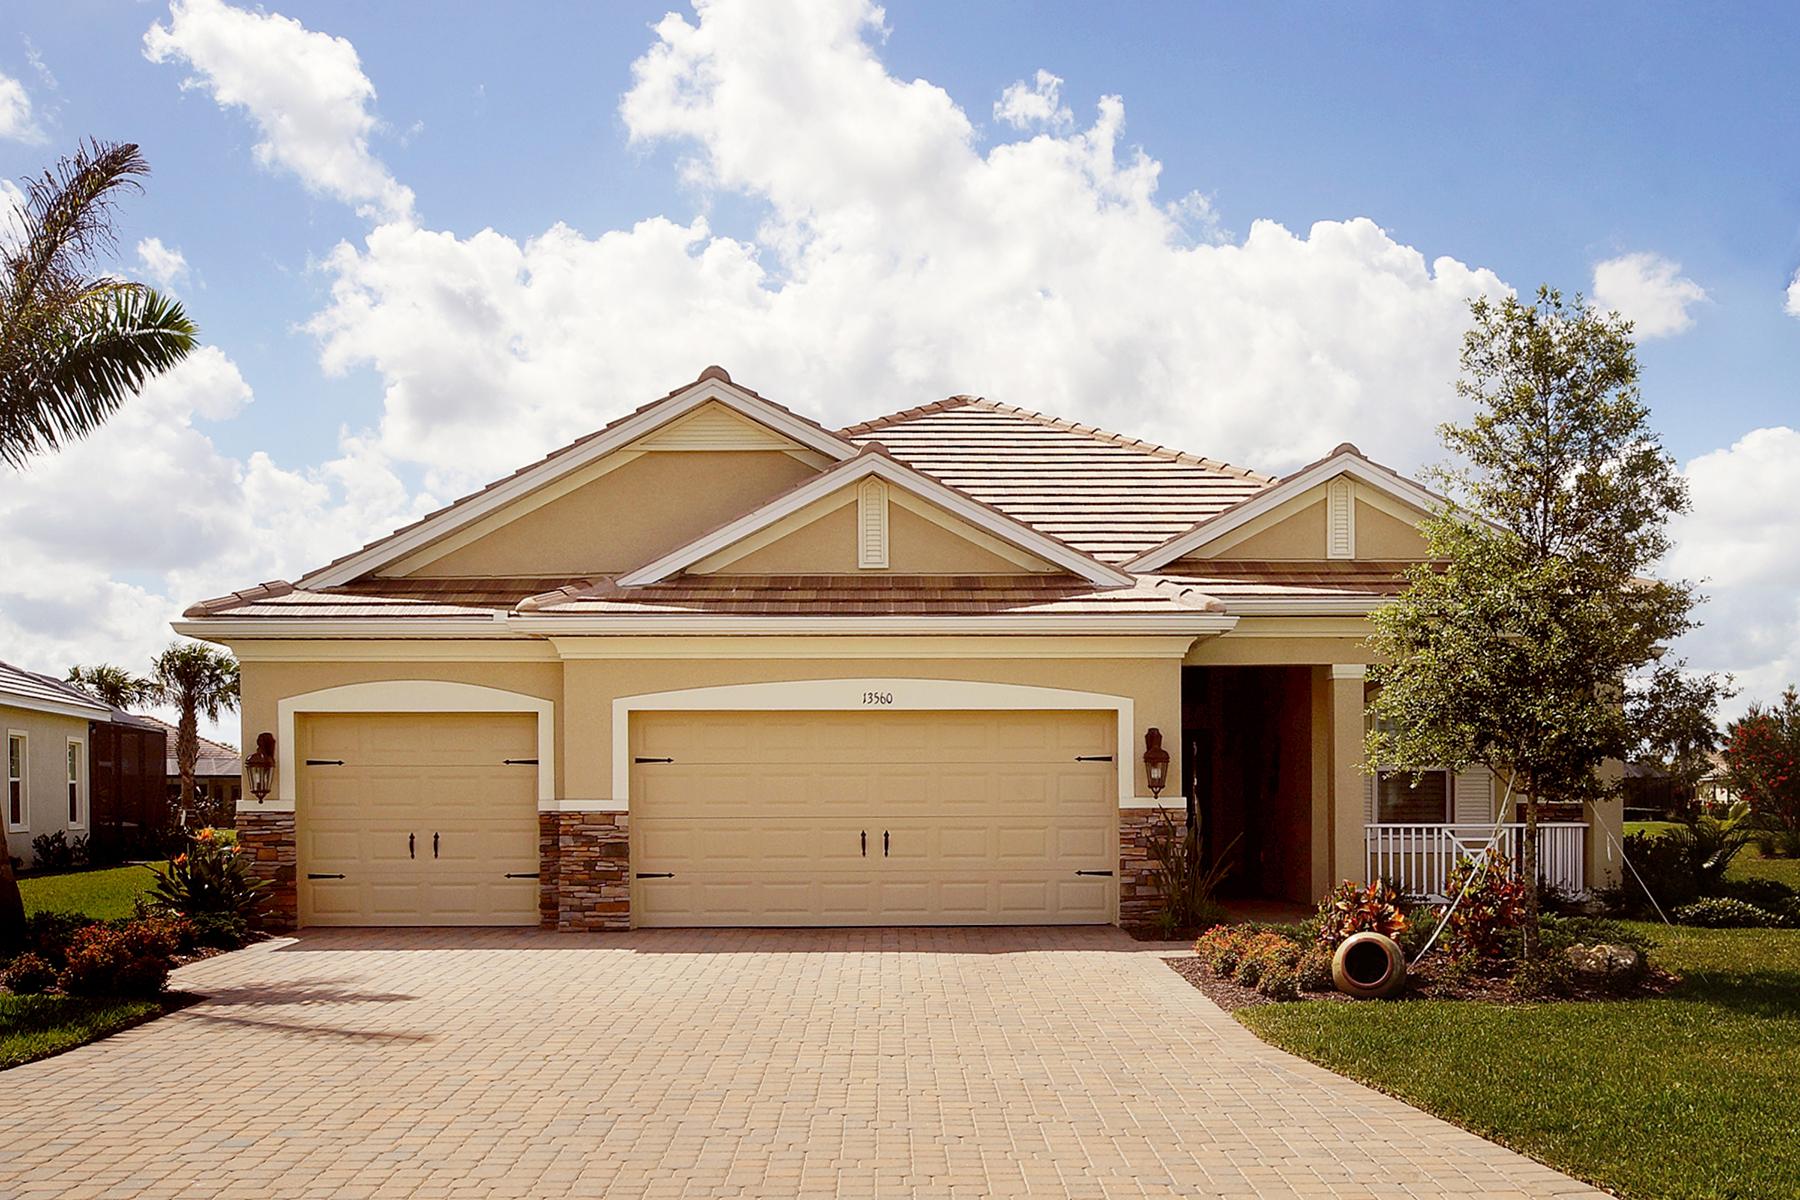 Casa para uma família para Venda às PALMETTO GROVE - VERANDAH 13560 Palmetto Grove Dr Fort Myers, Florida, 33905 Estados Unidos